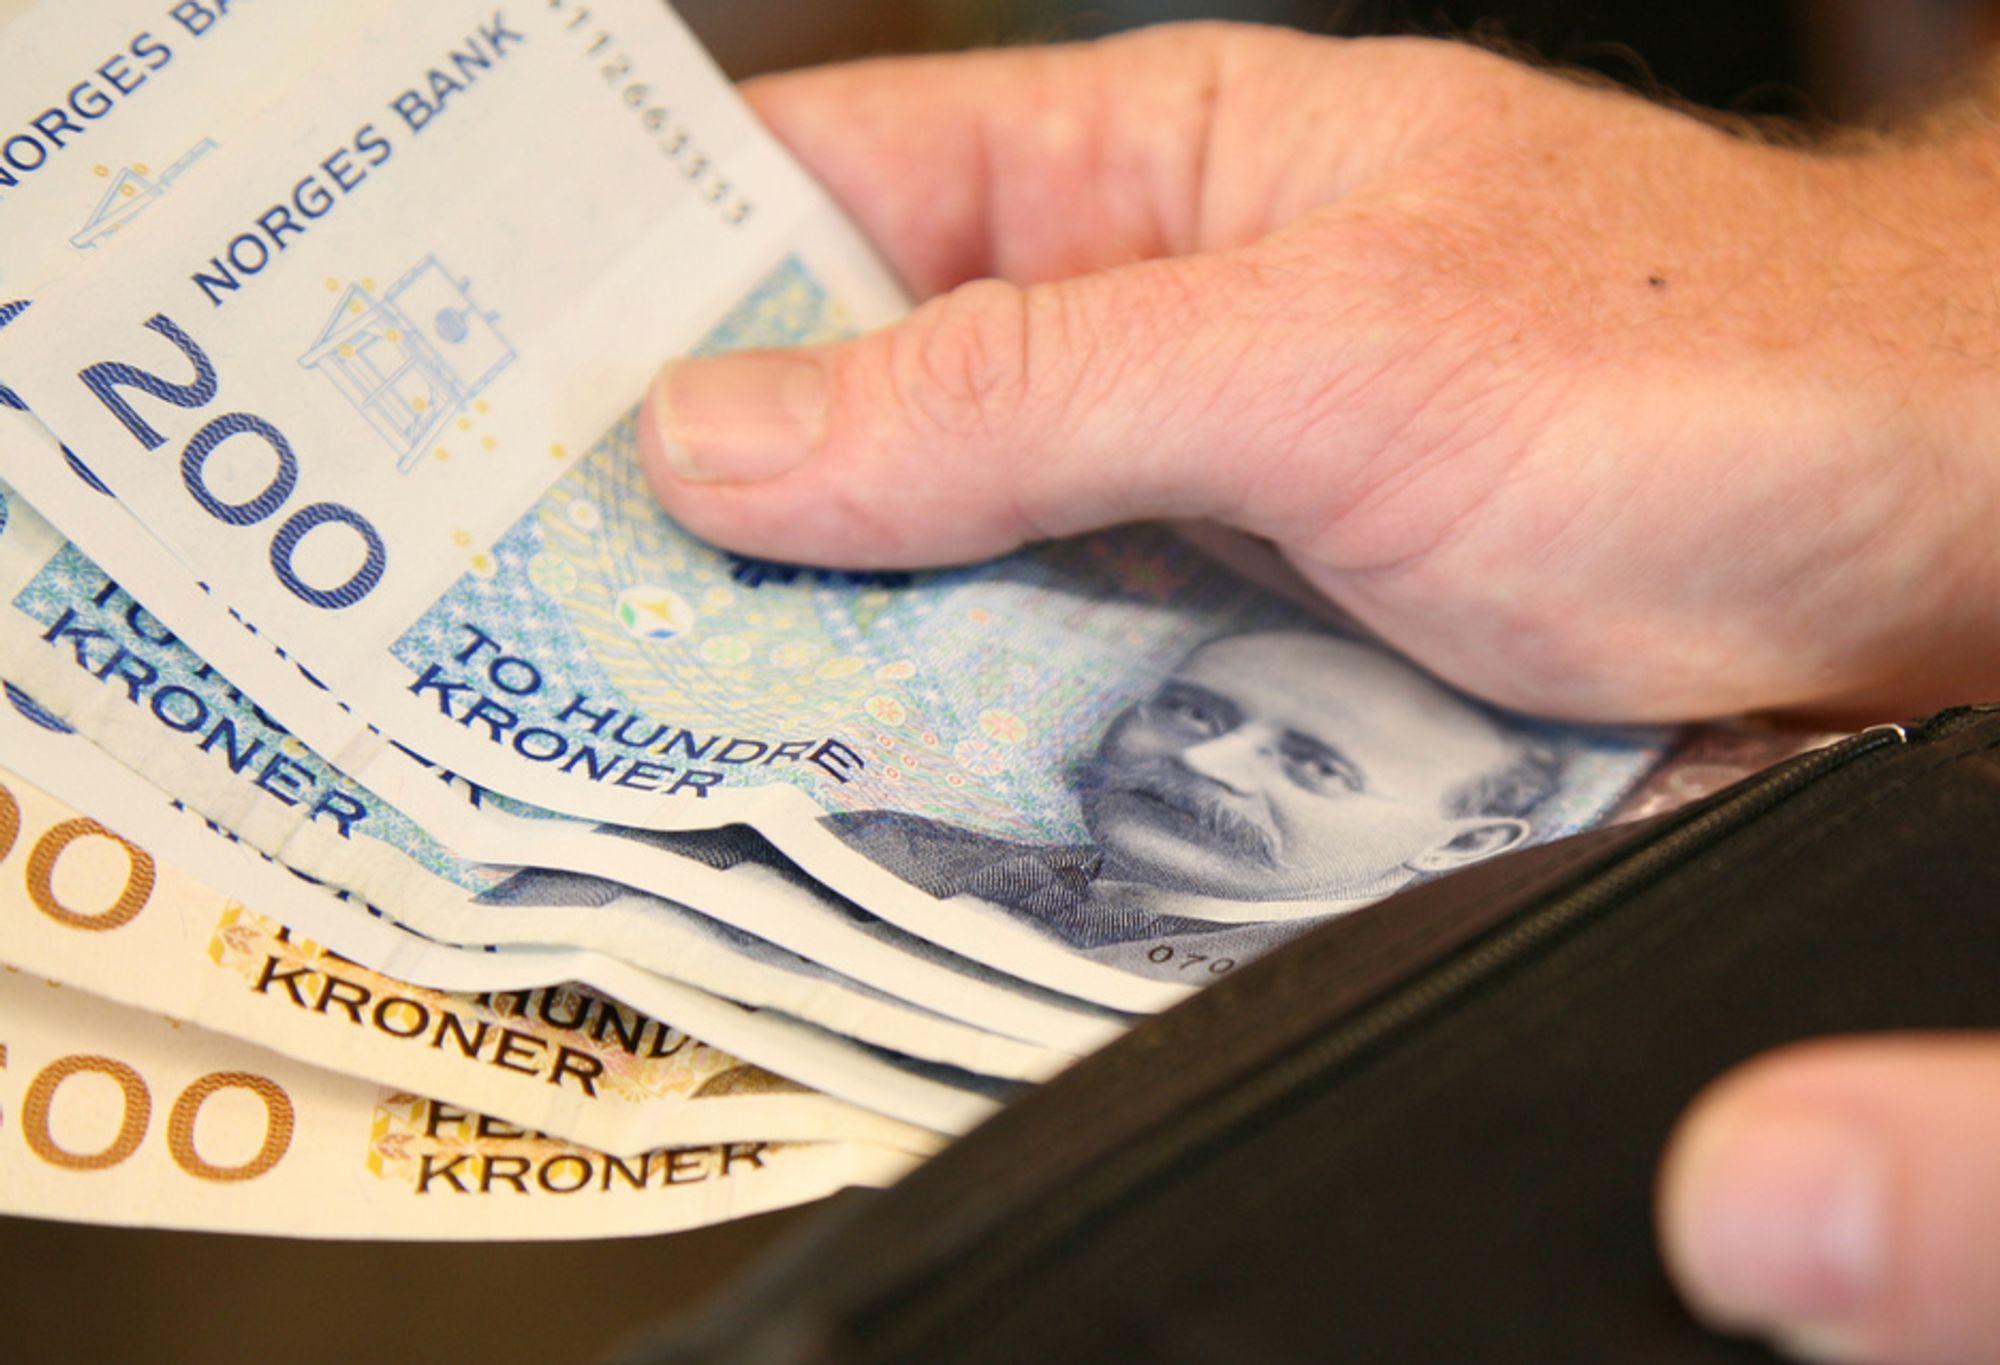 Penger er ikke lett å få tak i i disse dager. Teknologiselskapet ESP får ikke låne 10 millioner, selv om de har signerte statlige kontrakter for 182 millioner.